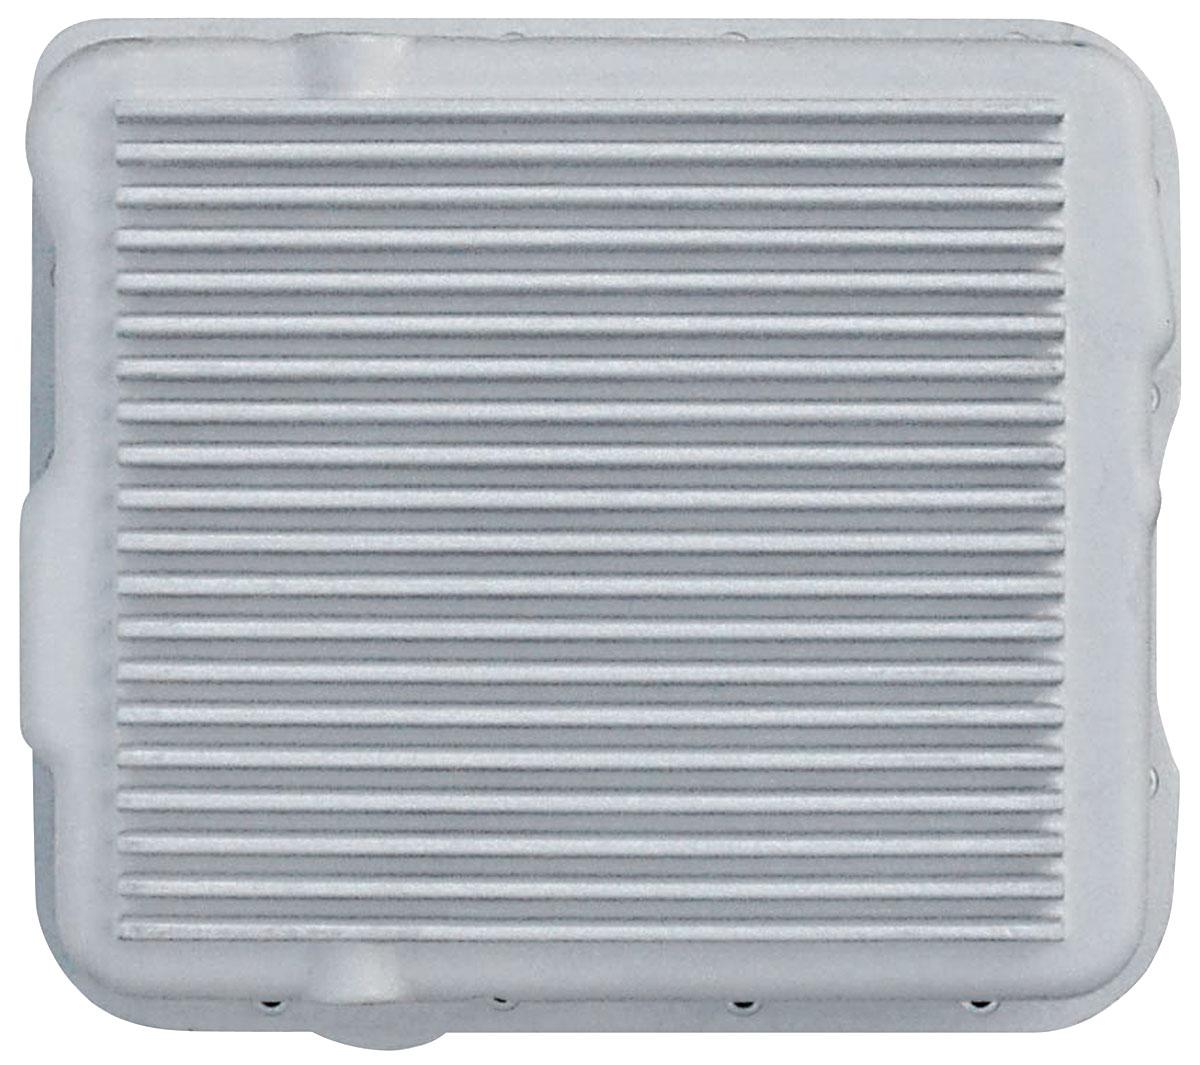 Transmission Pan, GM 700R4/4L60/4L60E/4L65E, Deep, Early